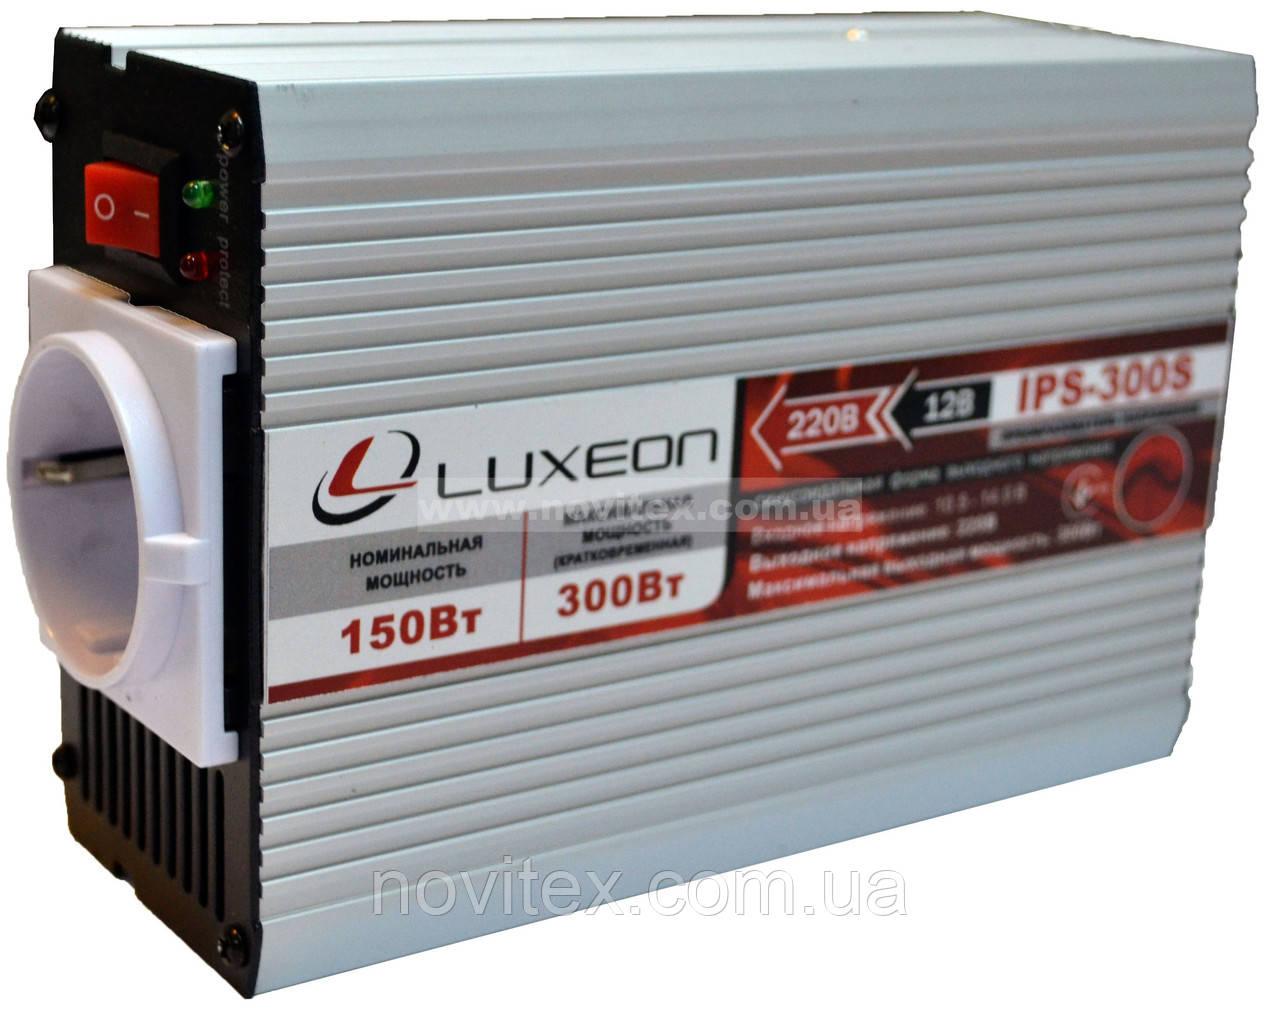 Инвертор Luxeon IPS-300S (150Вт)